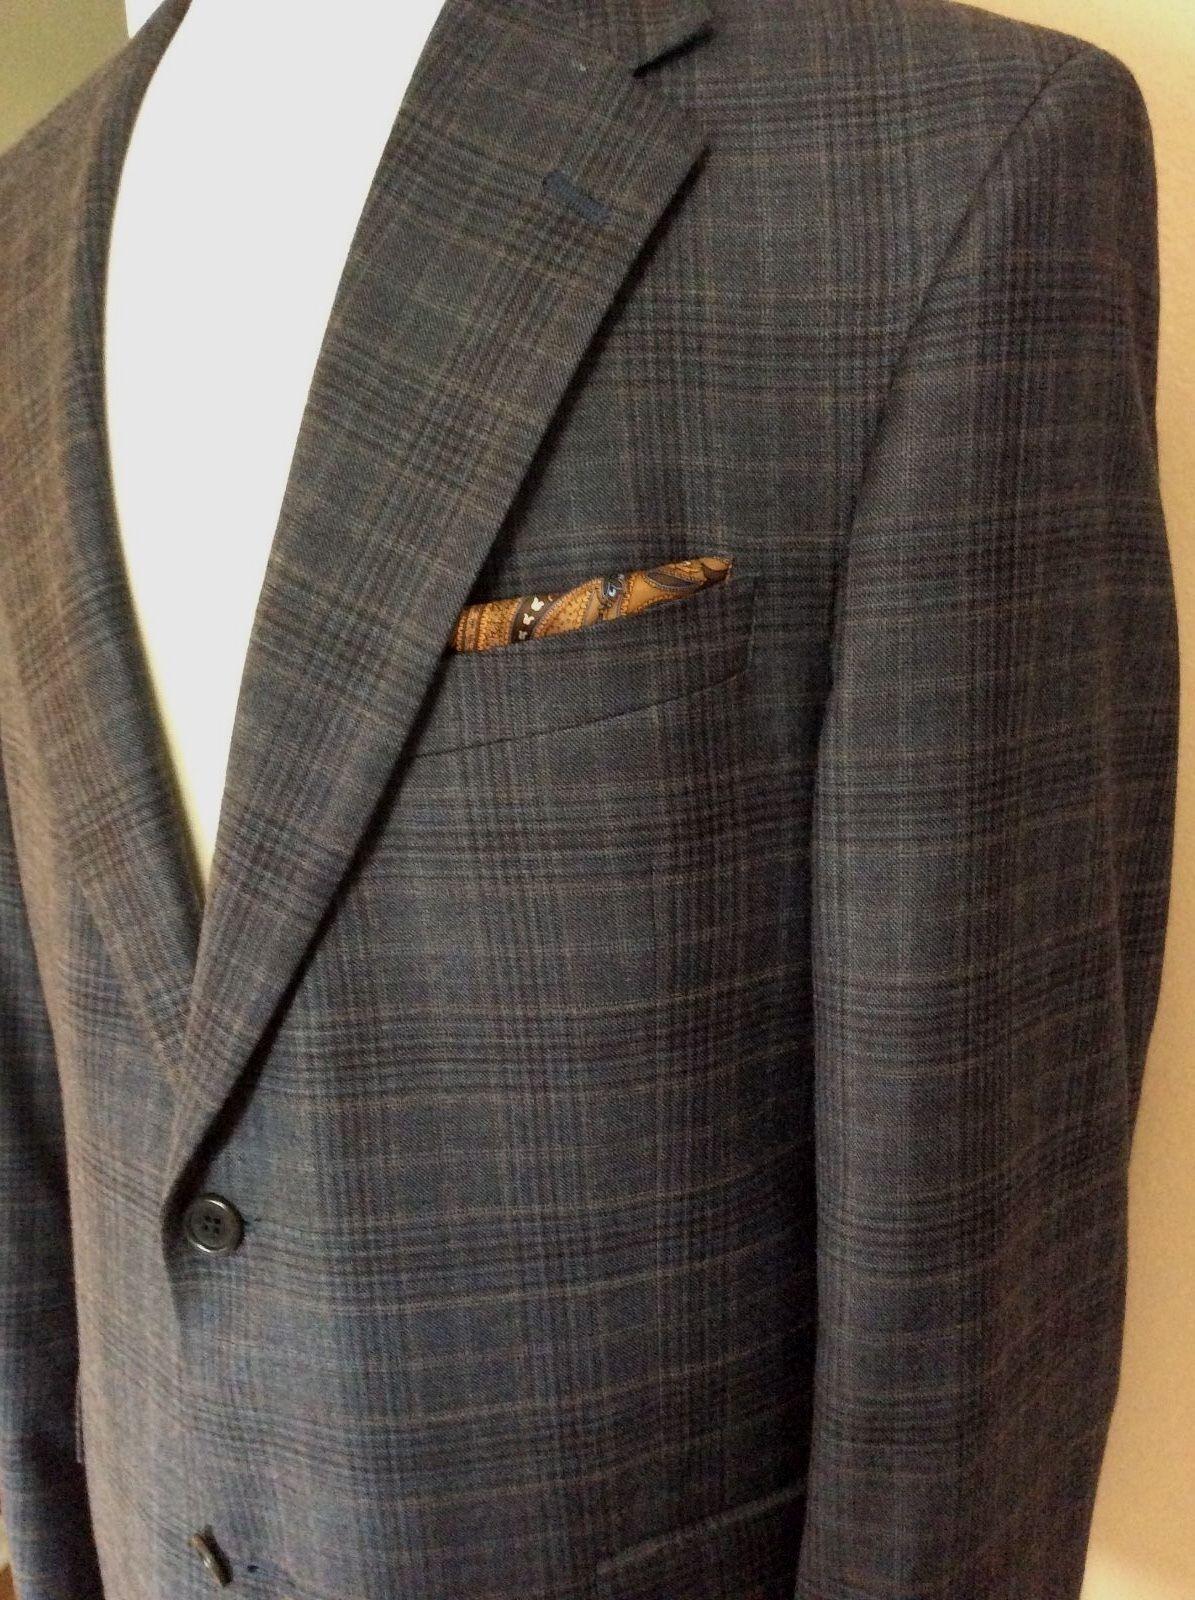 Daniel Cremieux Grau Shadow Plaid  Sports Coat In A Soft Lux 100% Wool 41R